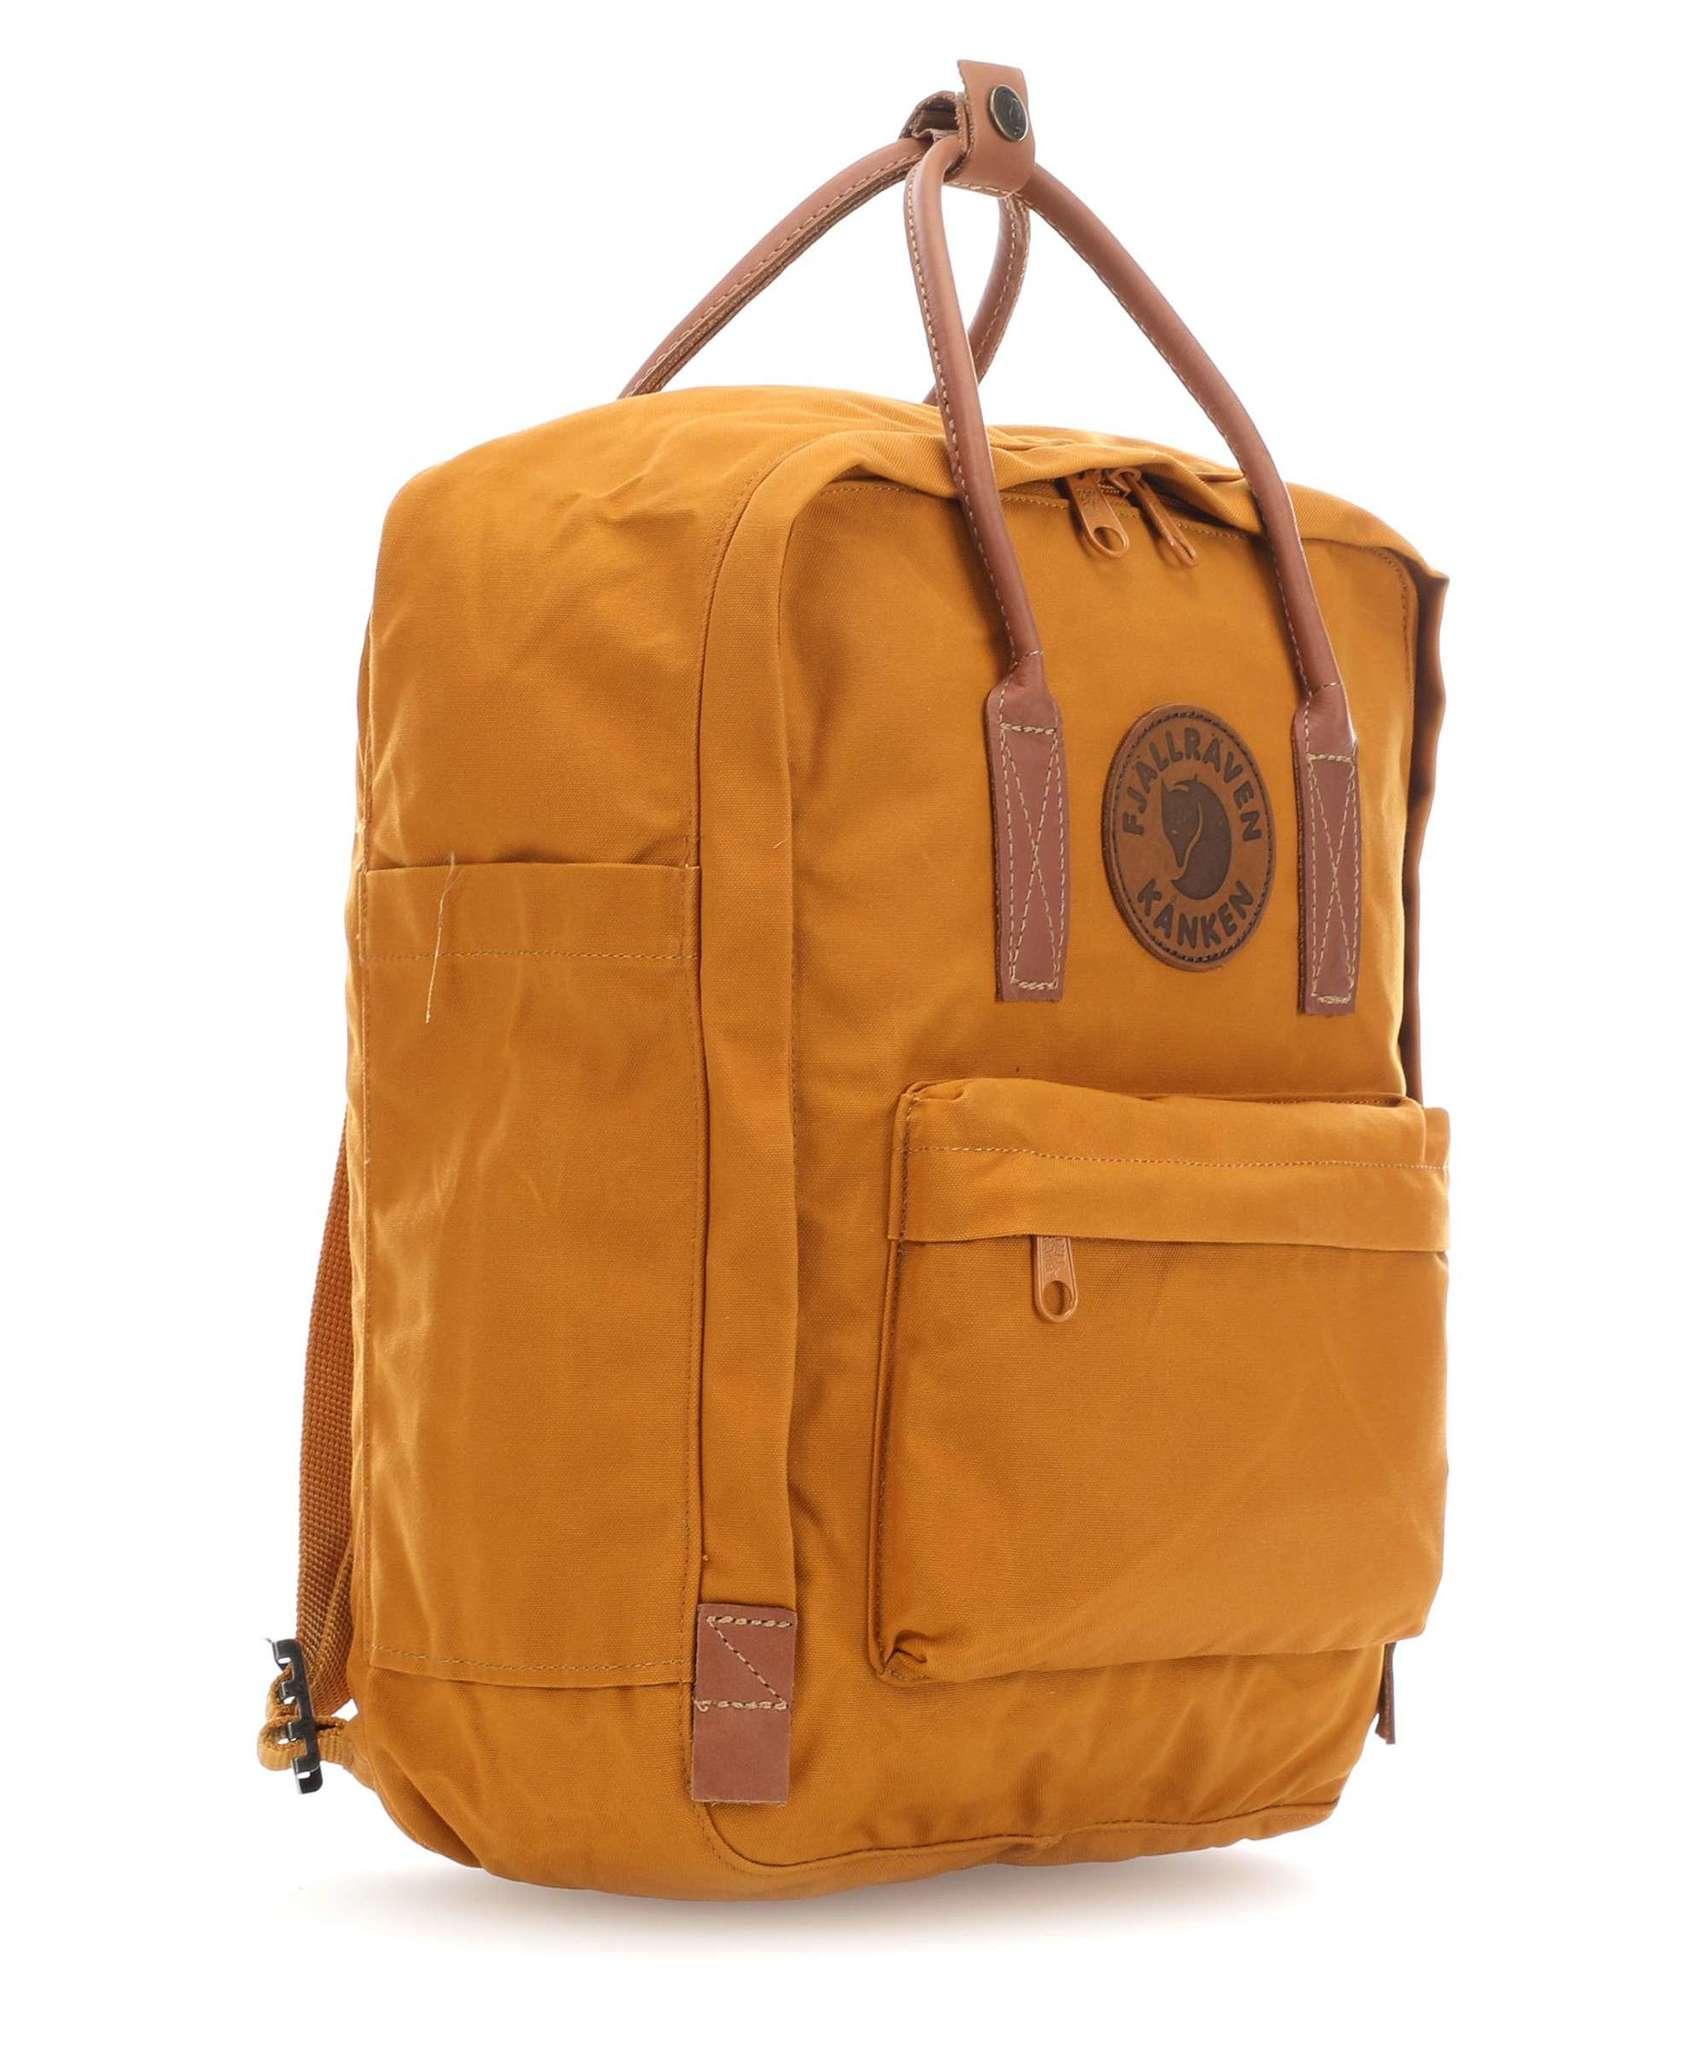 Рюкзак Fjallraven Kanken No.2 166 оранжевый